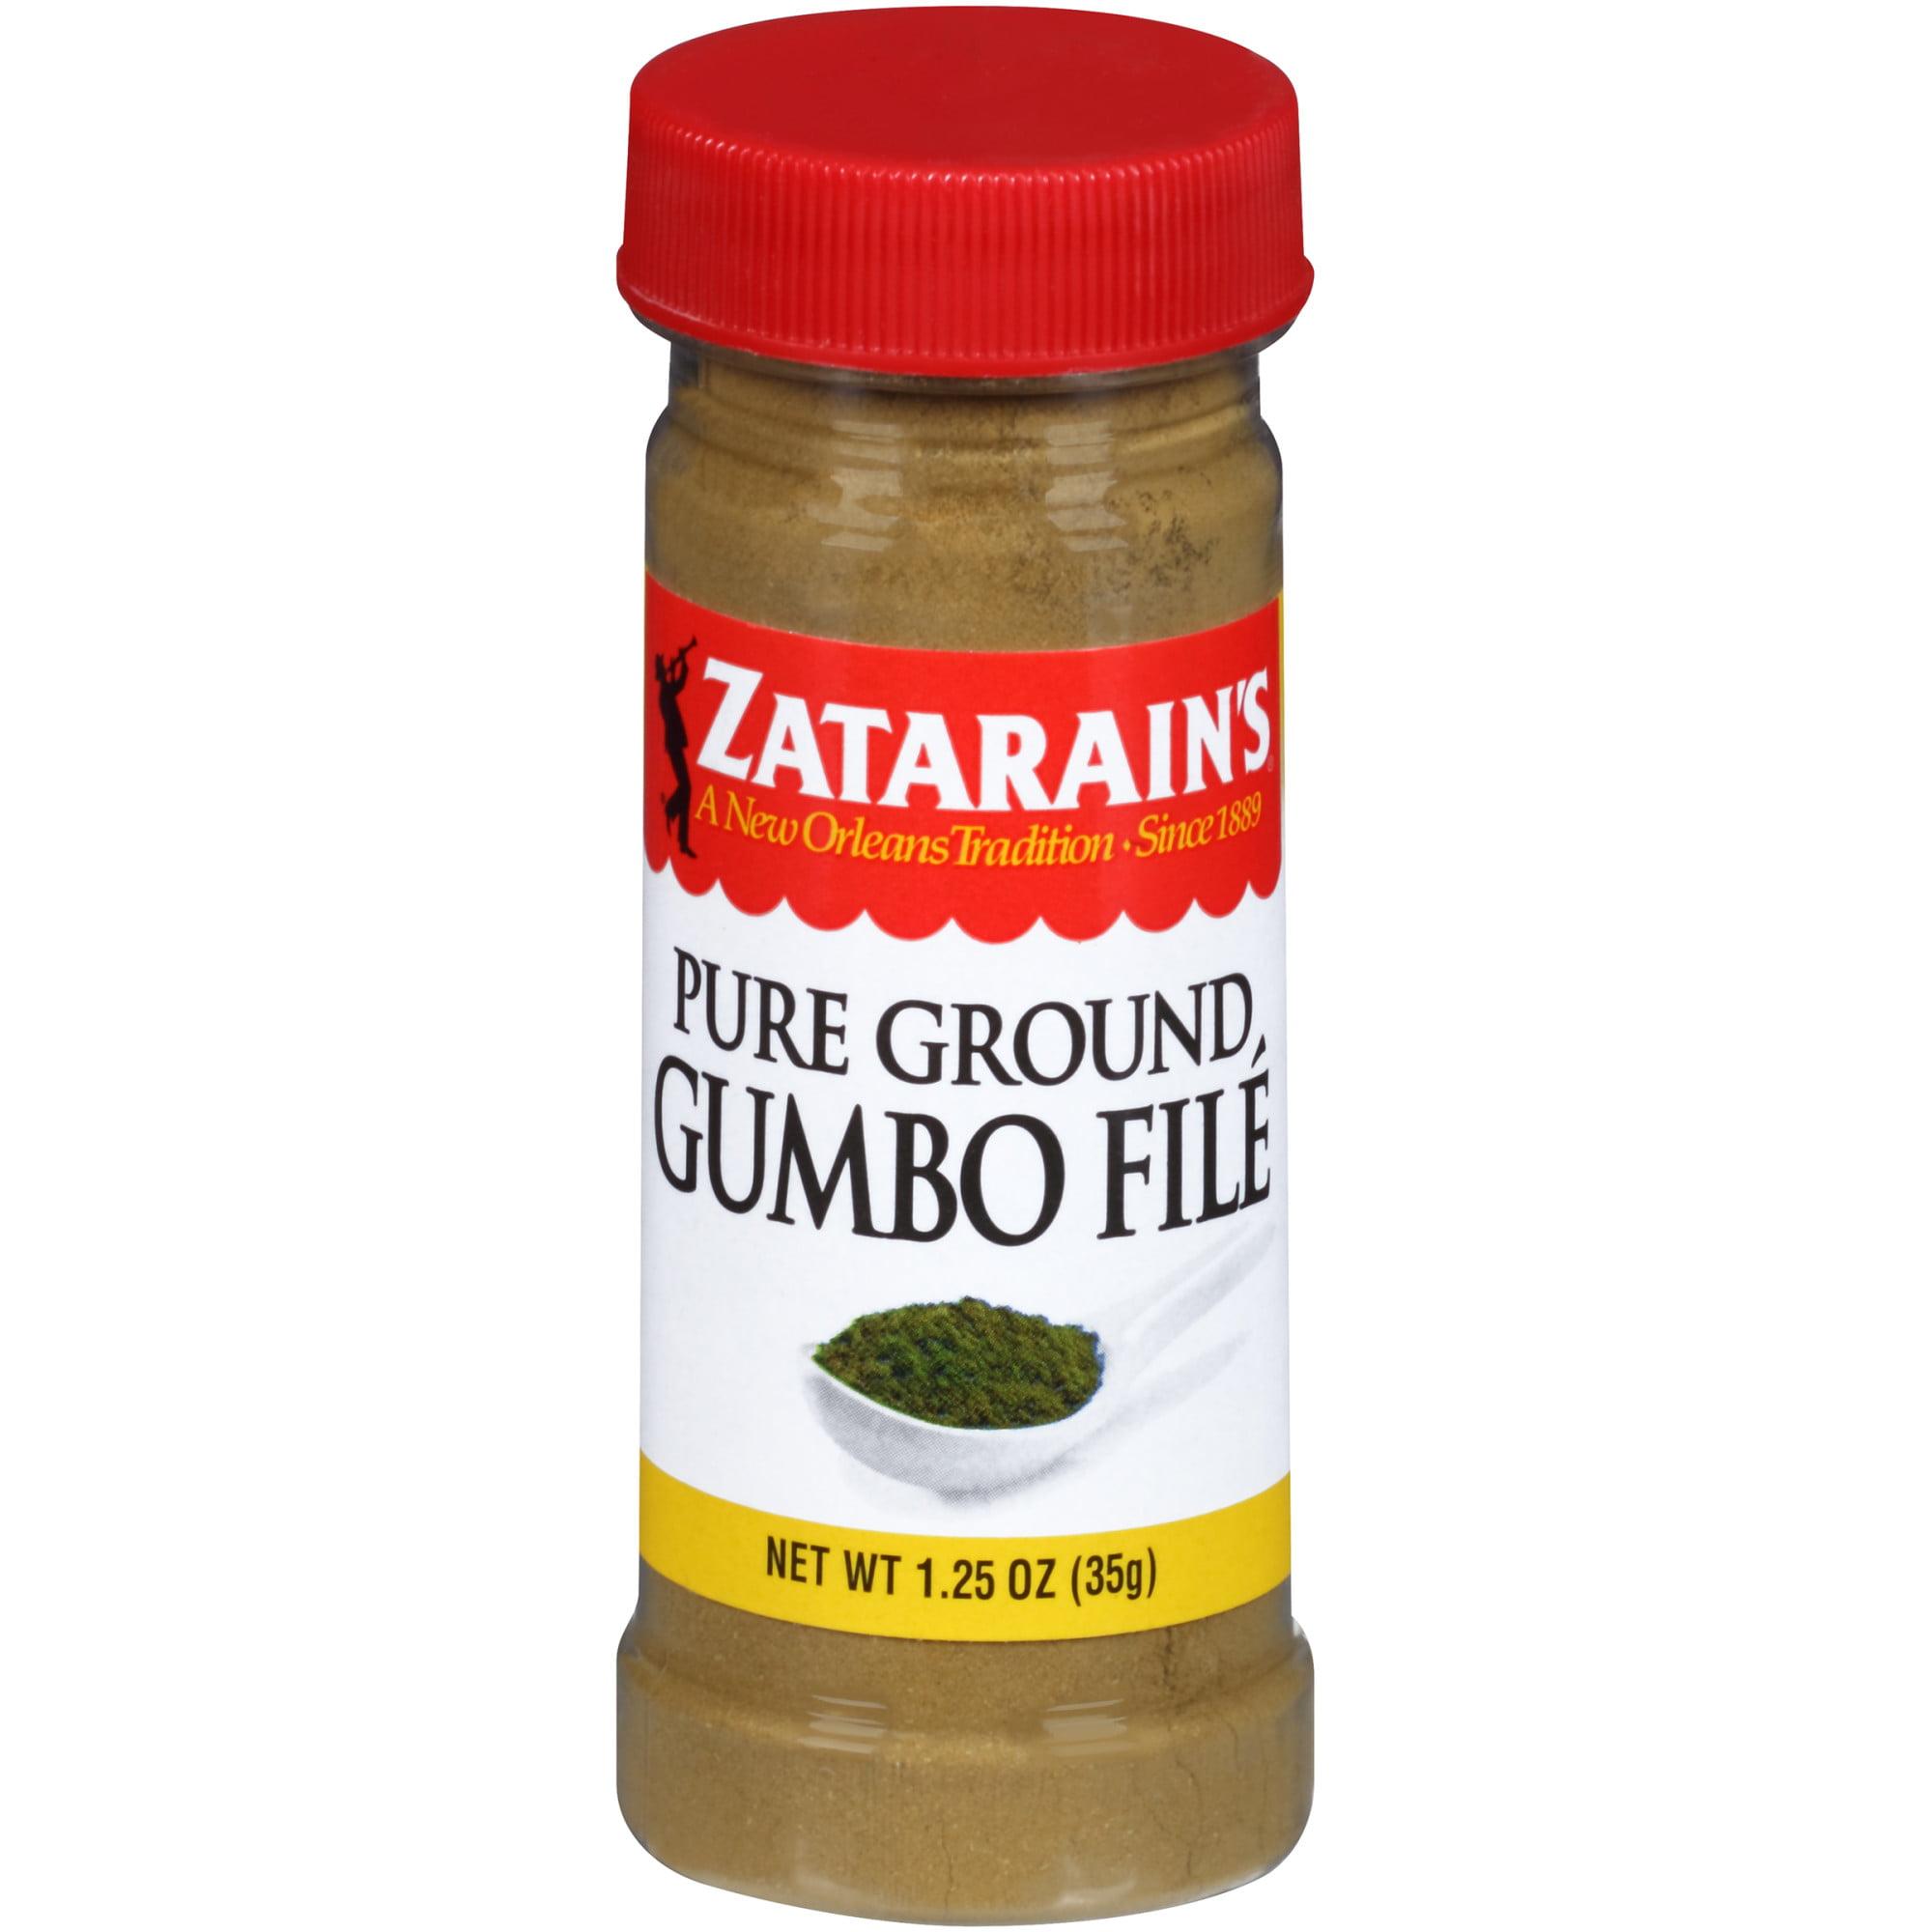 (2 Pack) Zatarain's Gumbo File, 1.25 oz